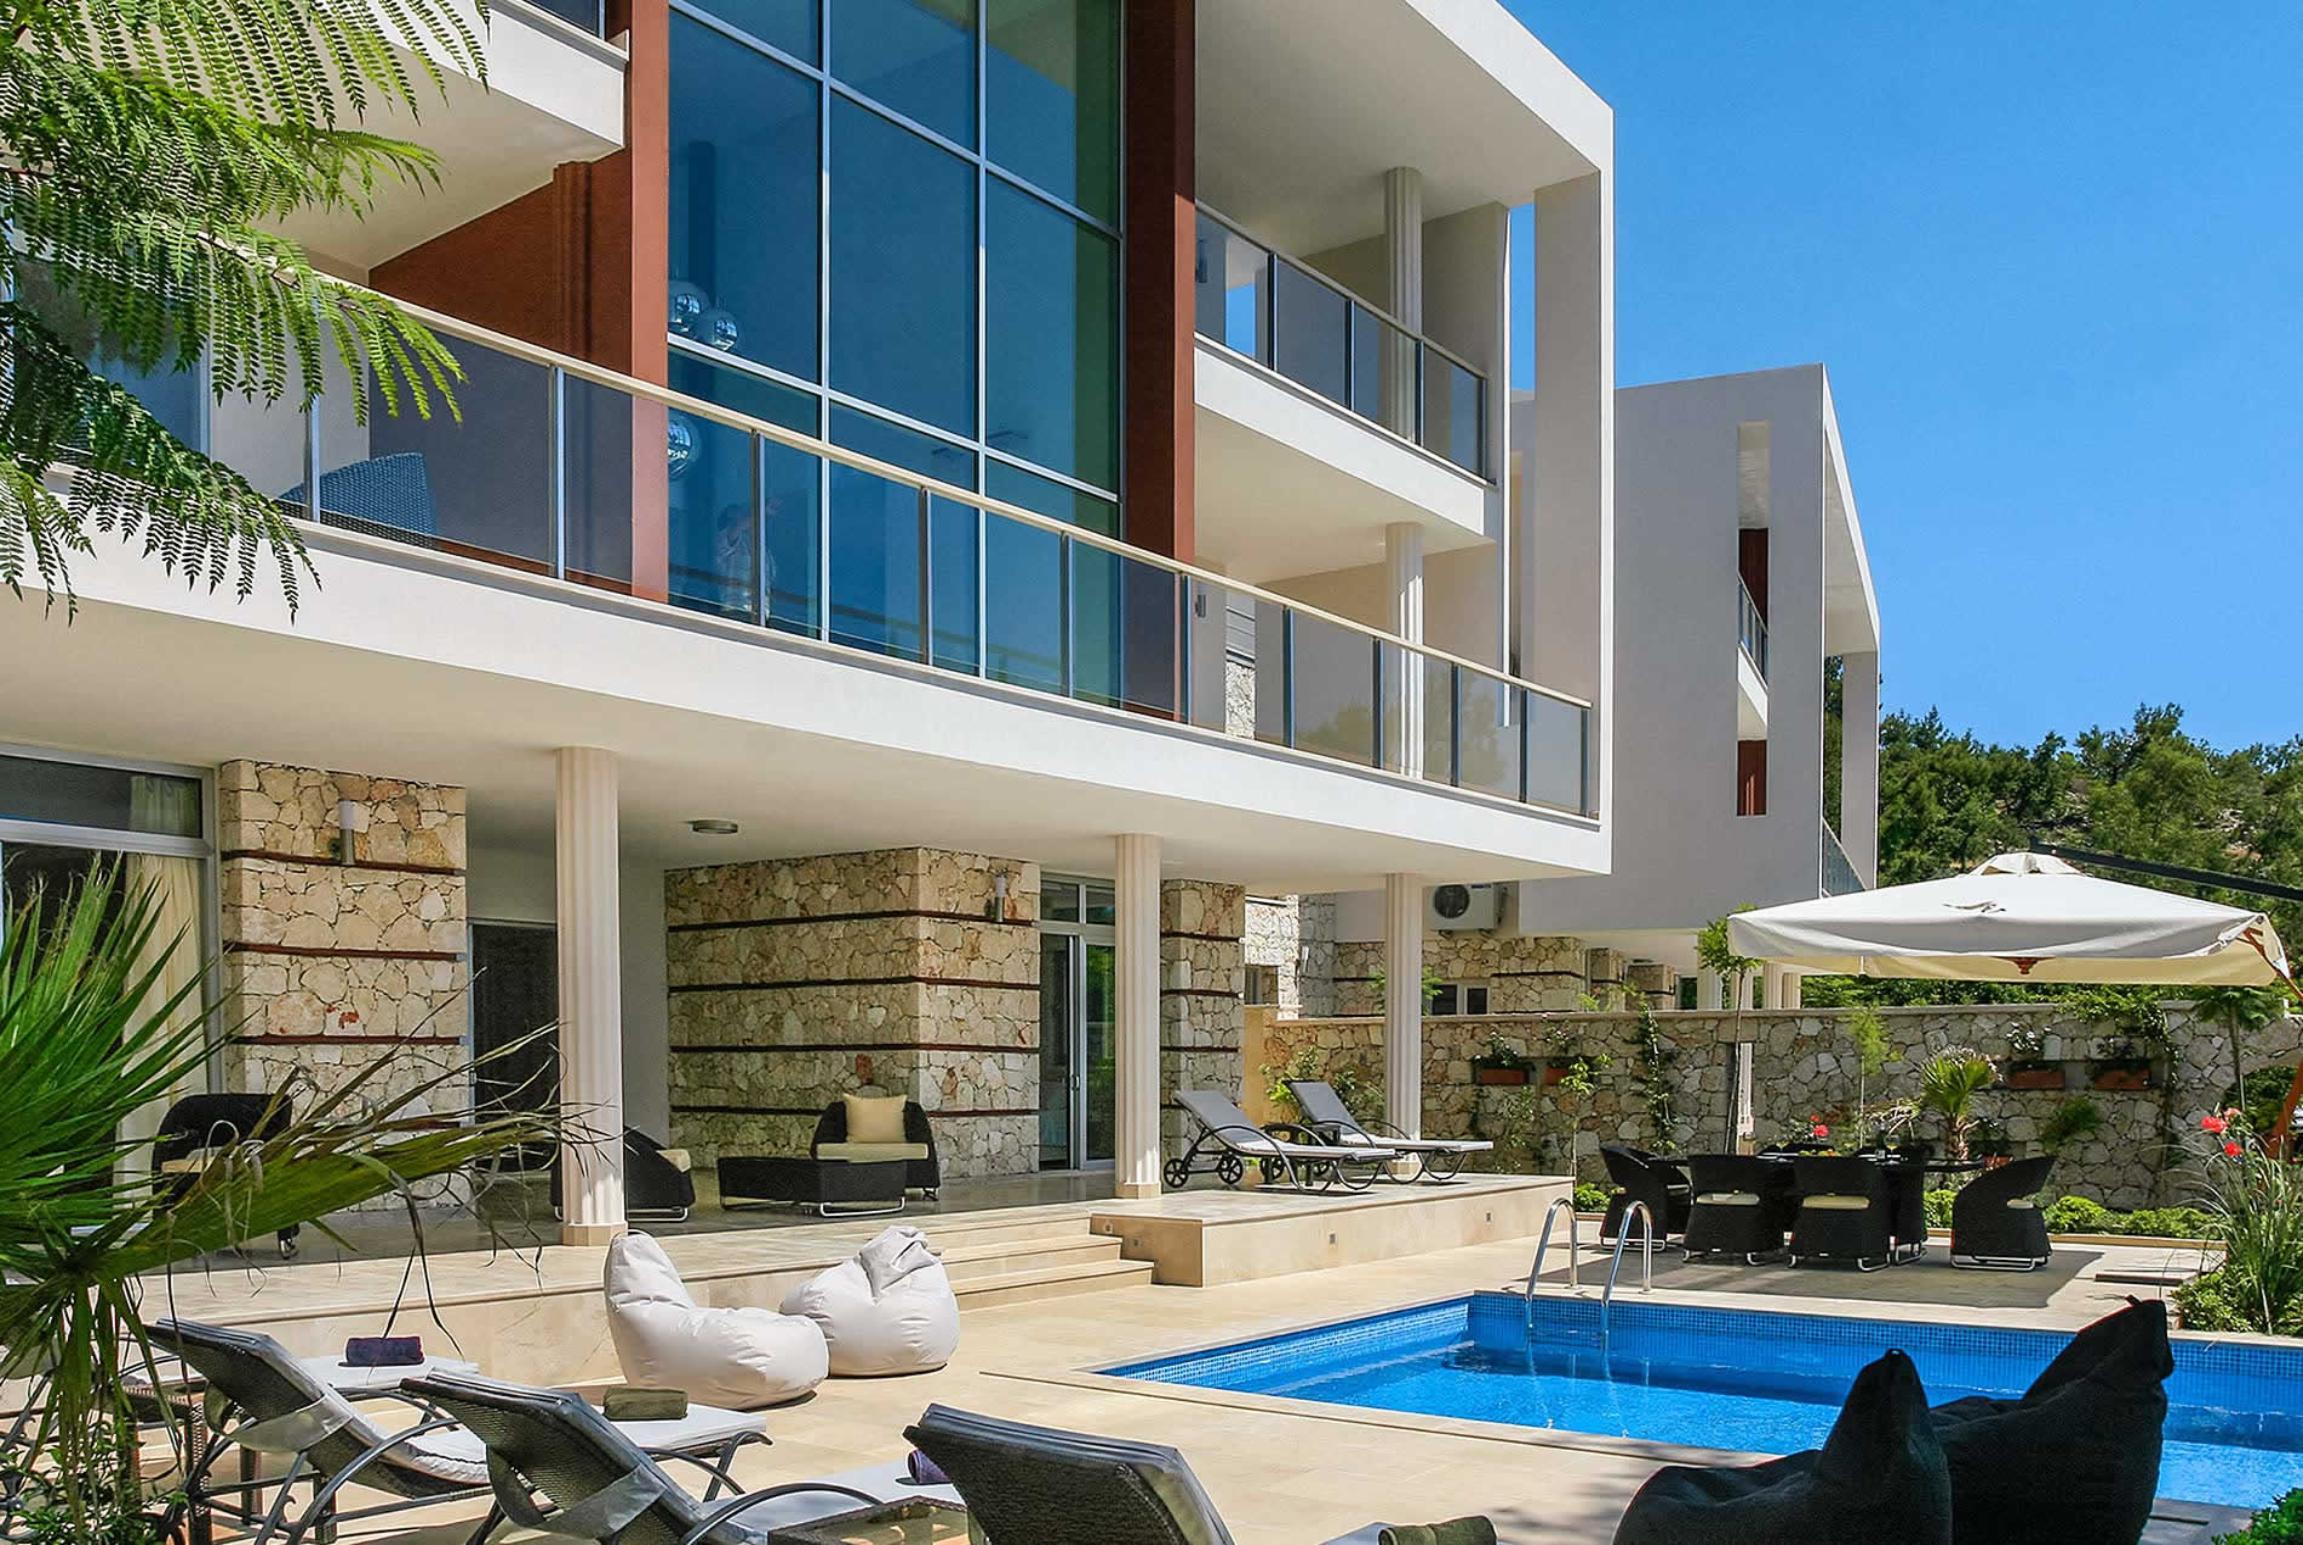 Maison de vacances Lavender (2653087), Kalkan, , Région Méditerranéenne, Turquie, image 14